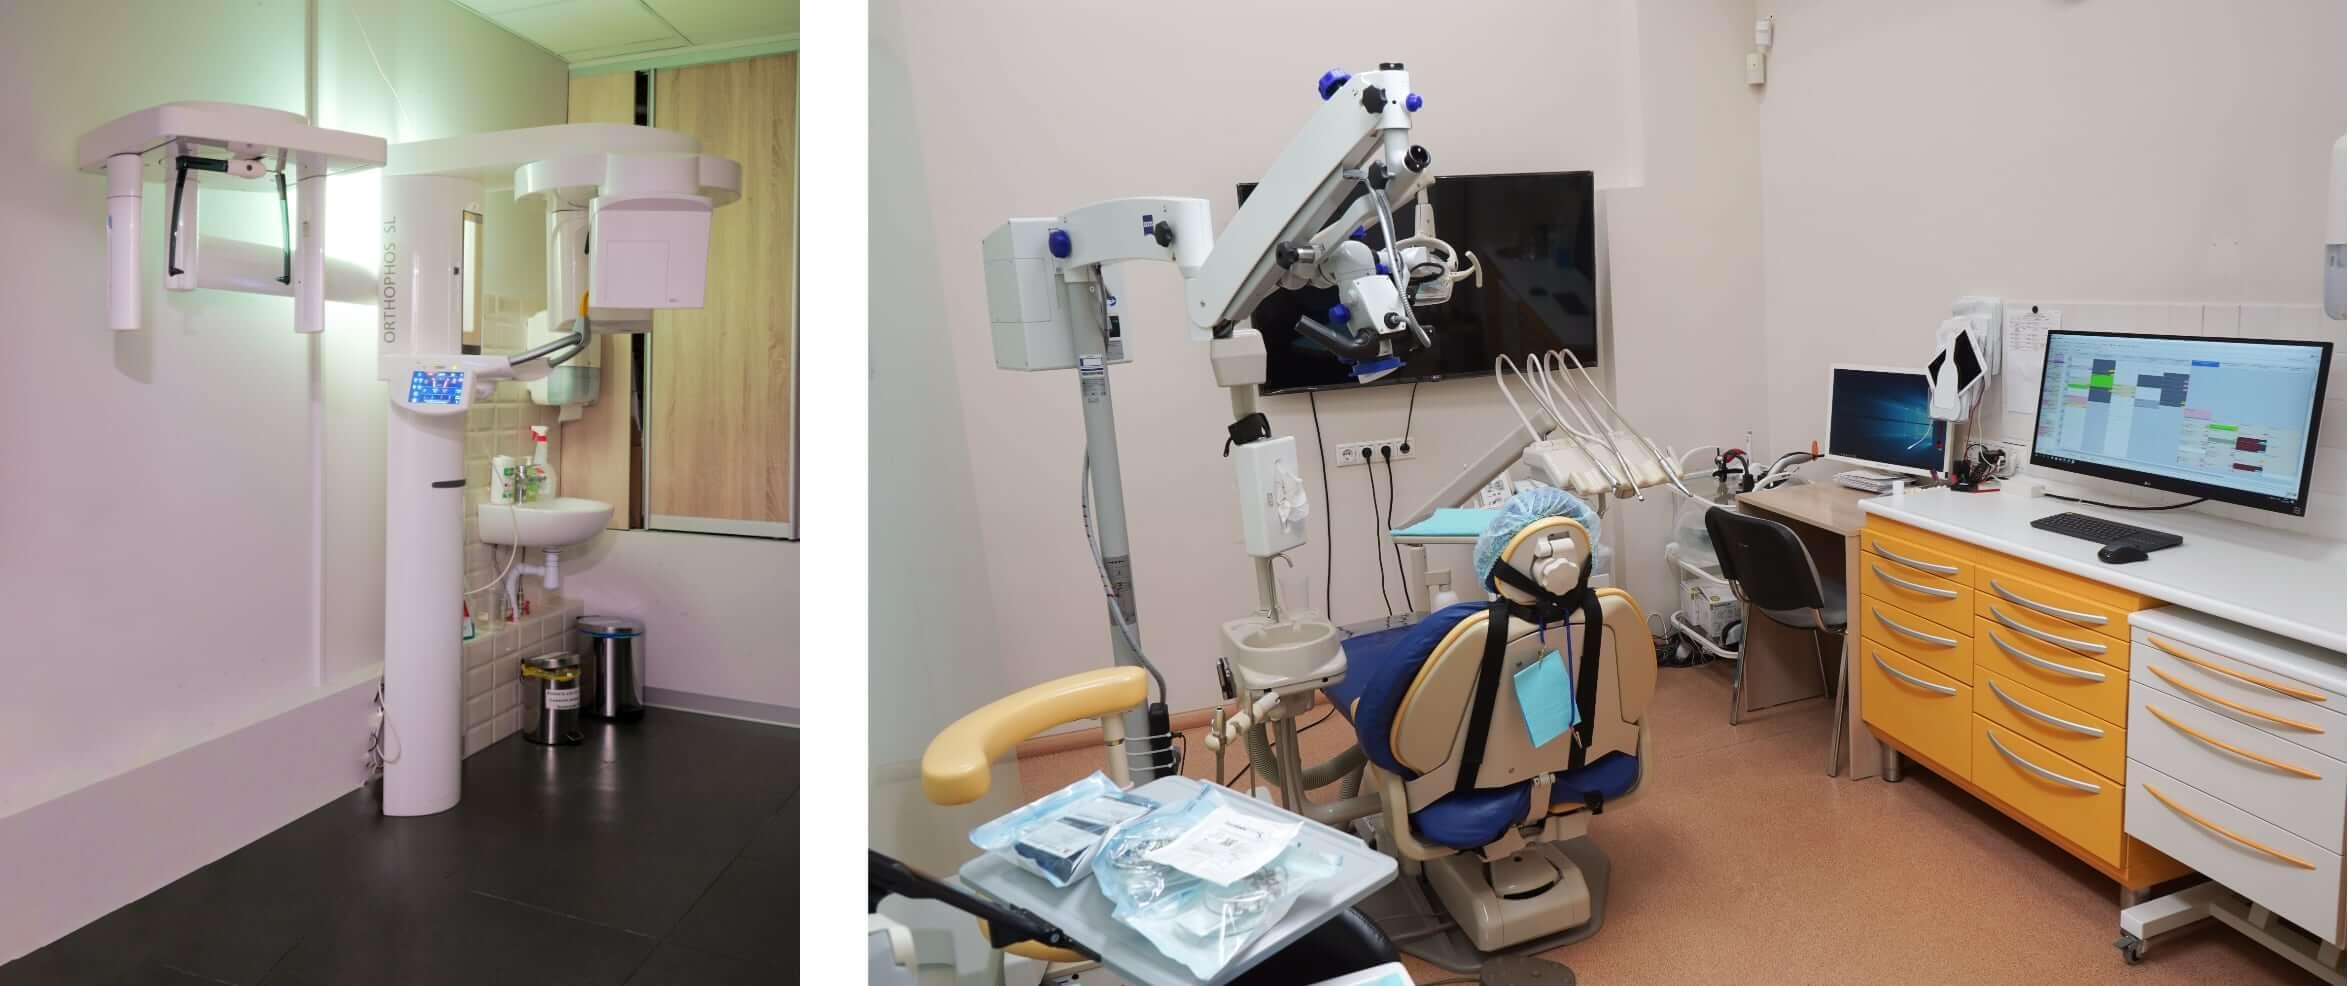 Компьютерный томограф Sirona и микроскоп Carl Zeiss в клинике Ортодонт Комплекс